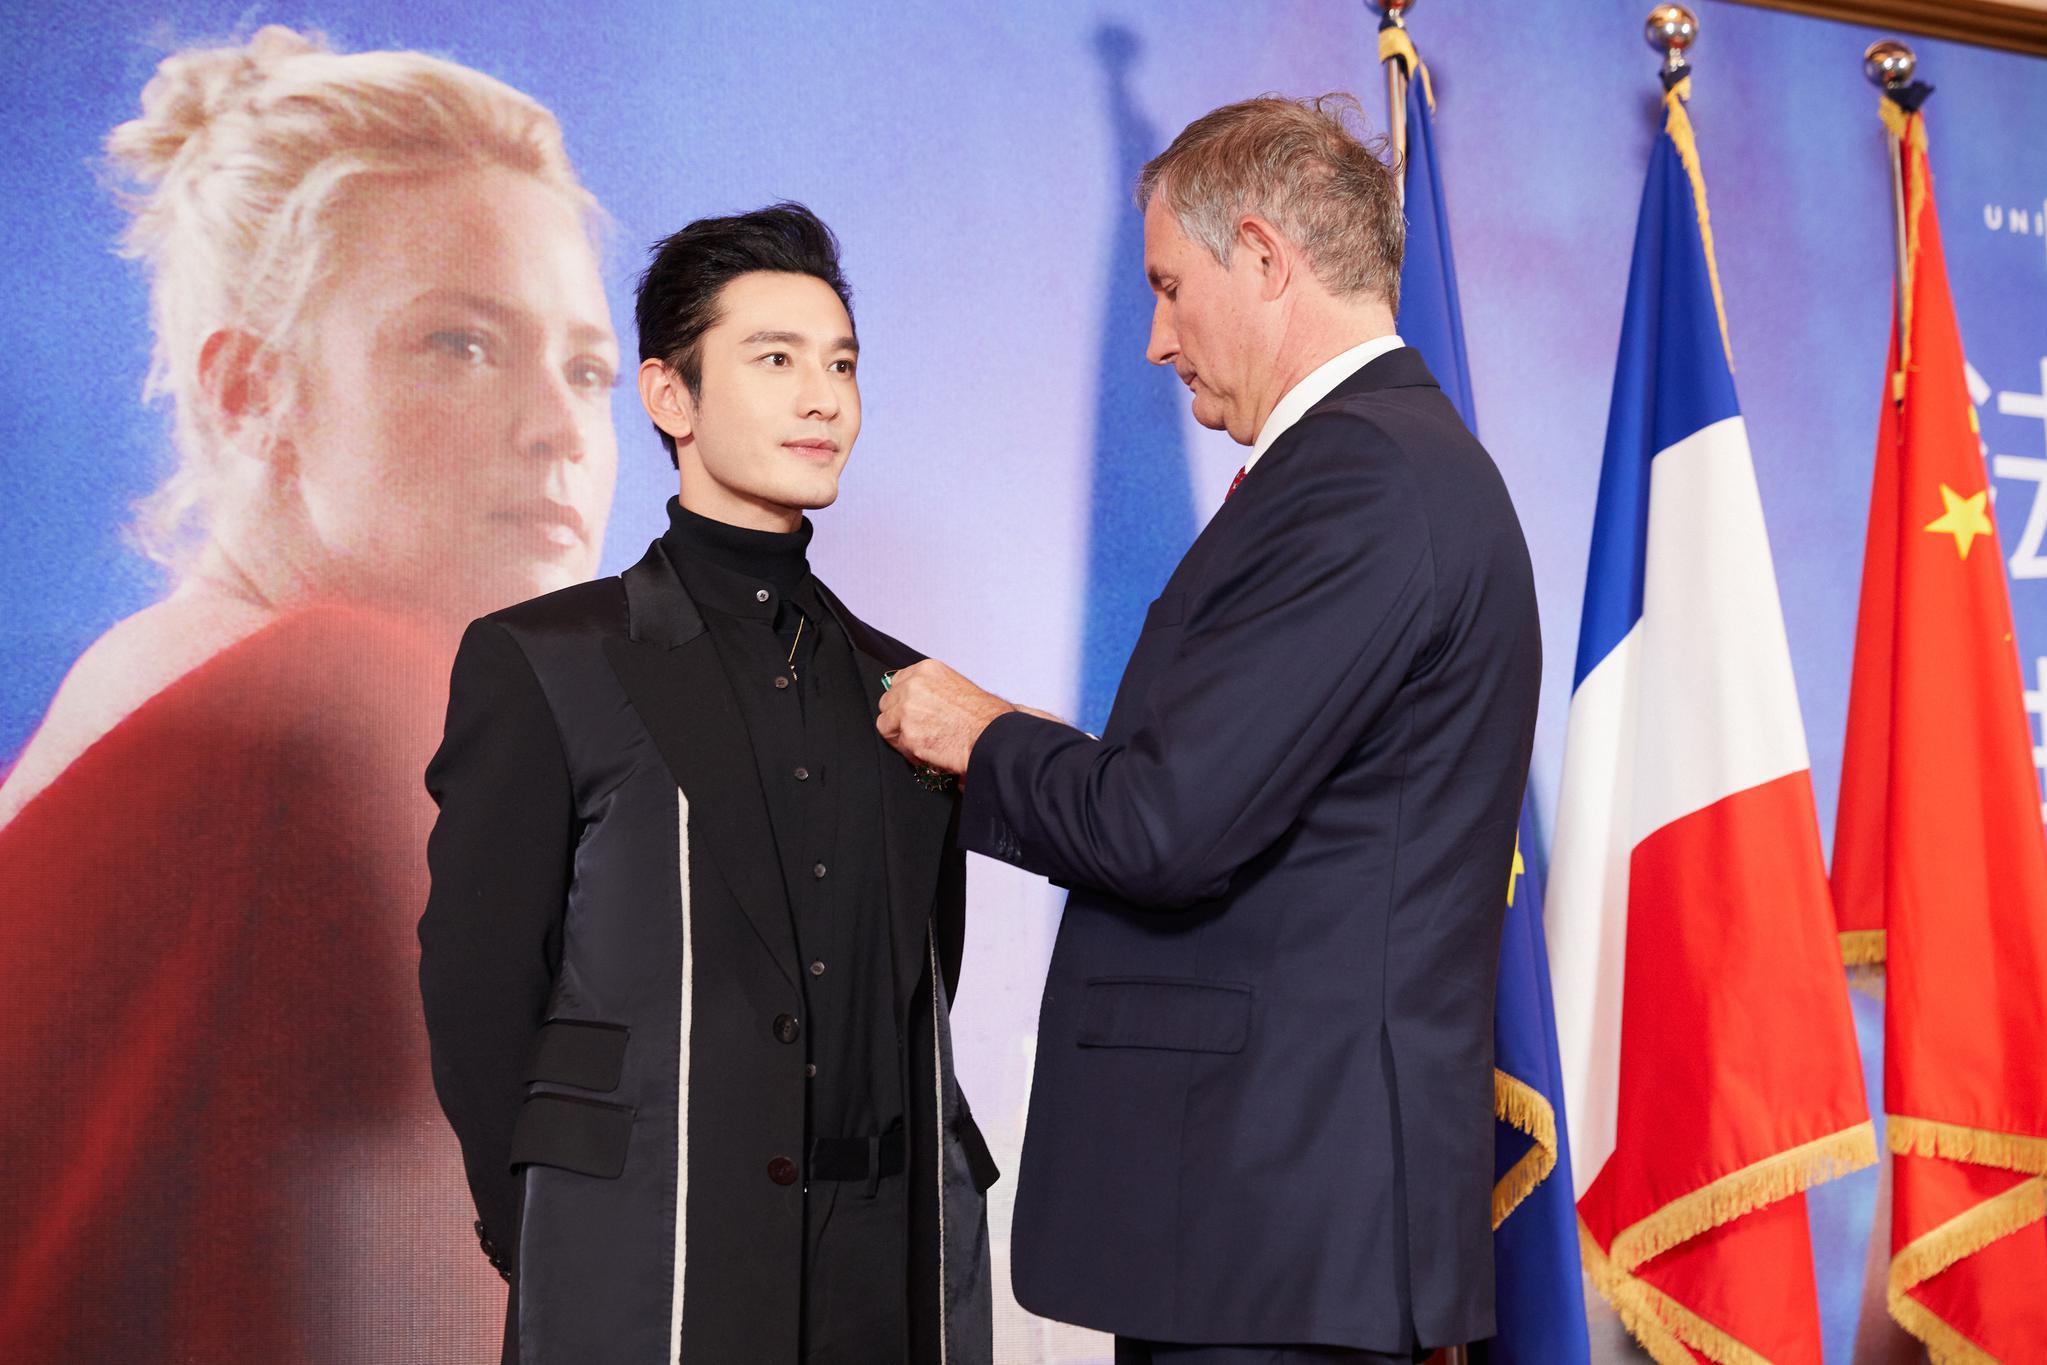 连摘金鸡百花后黄晓明再获法国骑士勋章 以大使身份揭幕法国影展